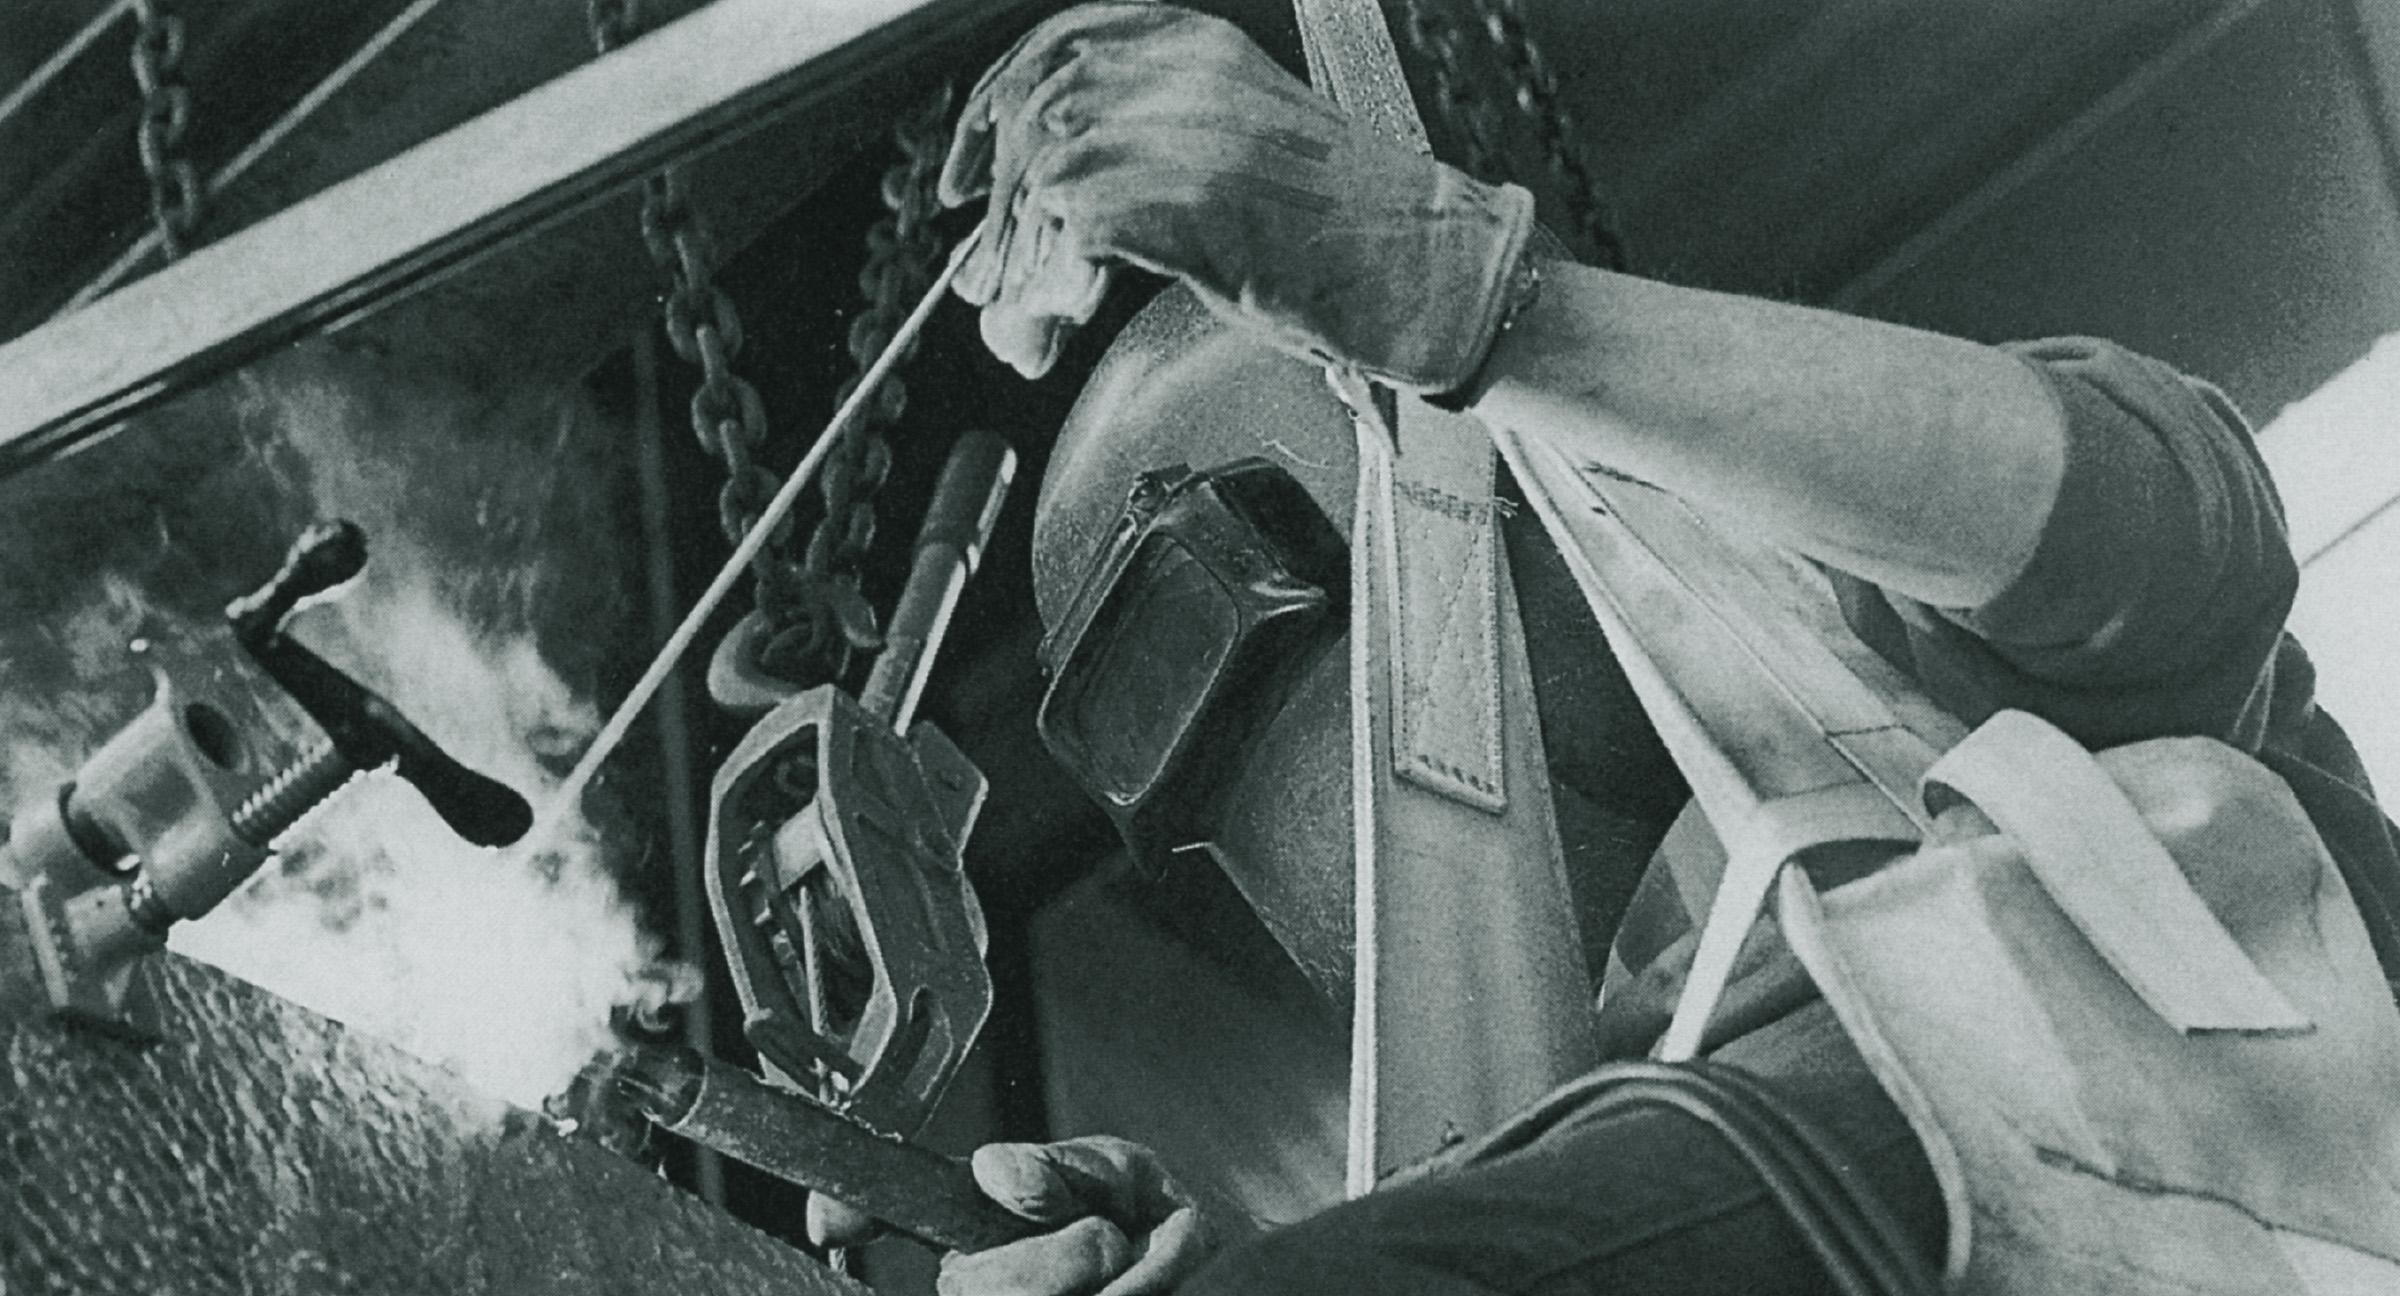 Jean Woodham welding